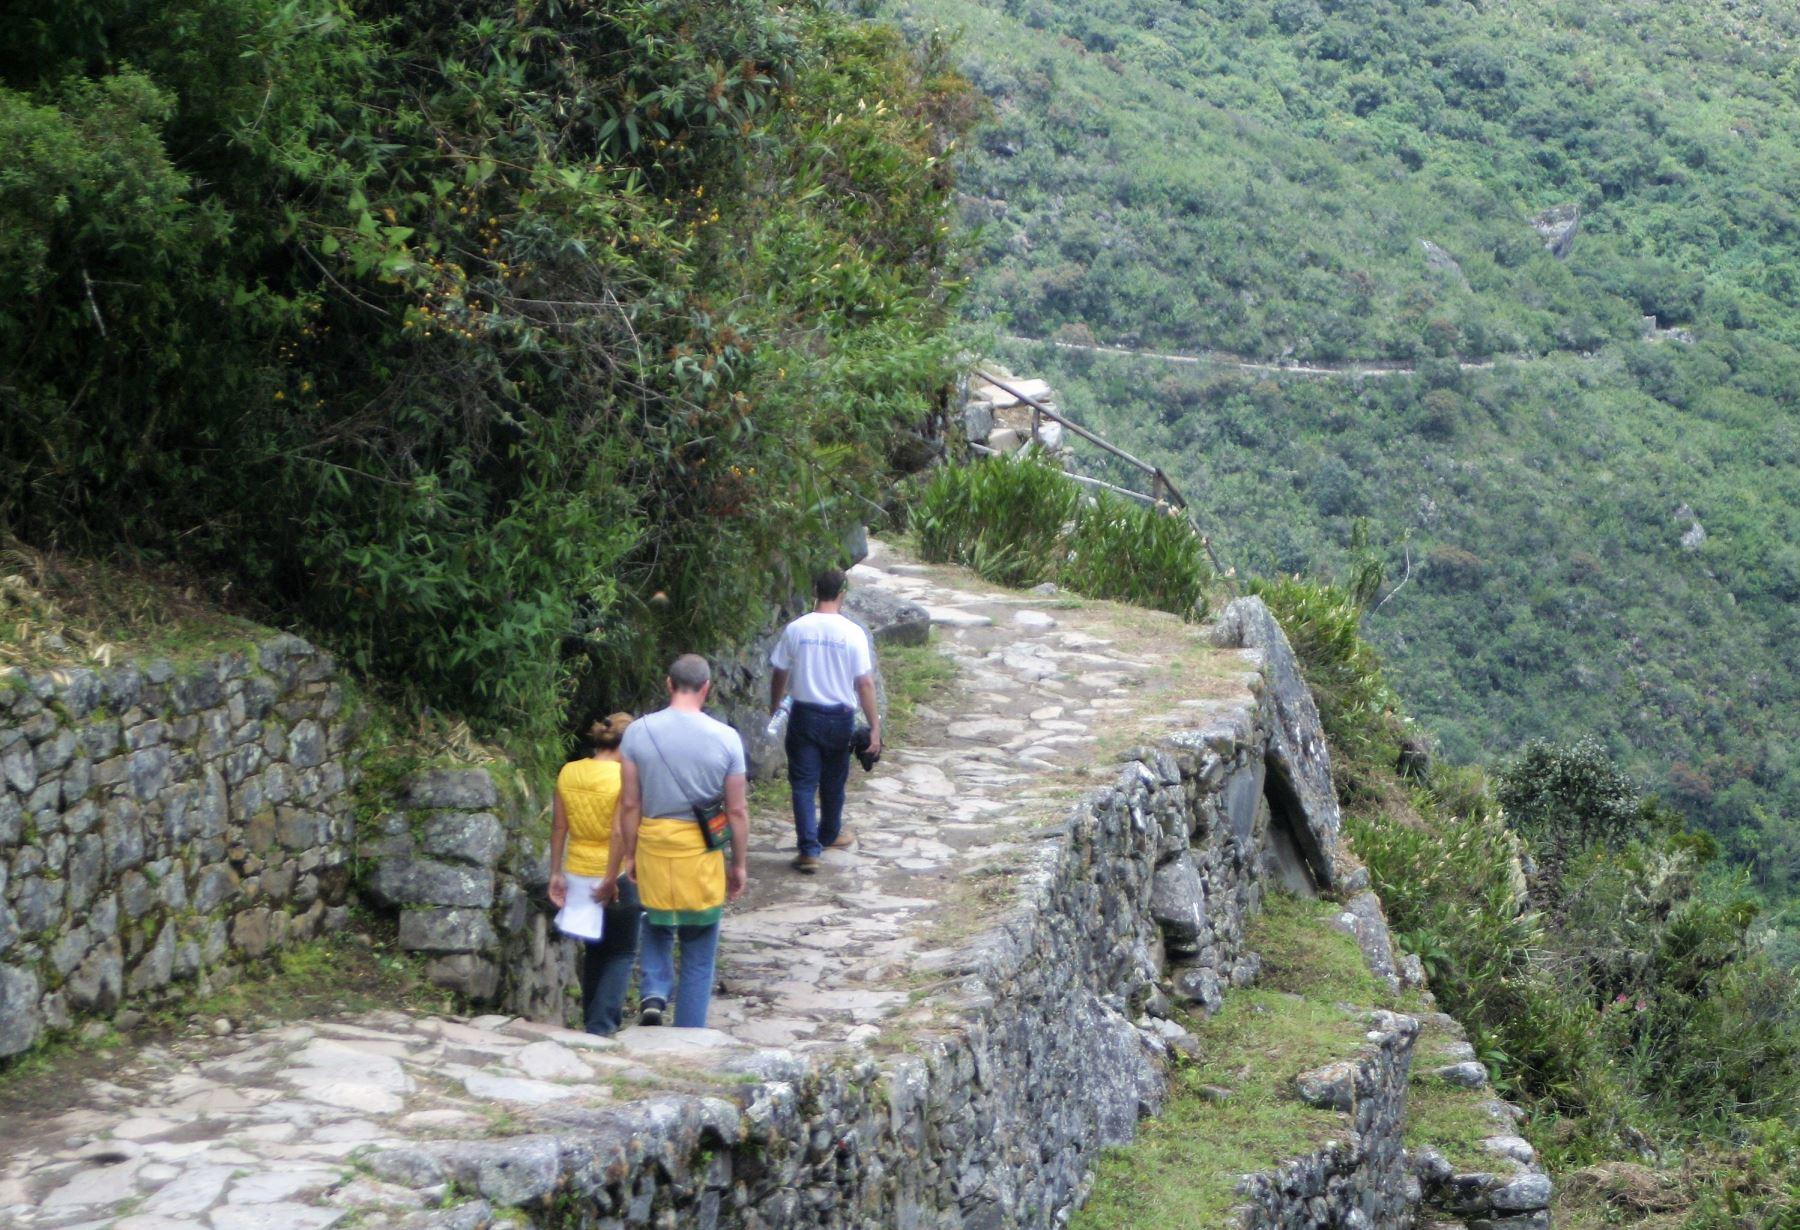 Sernanp garantiza normal acceso a Red del Camino Inca del Santuario Machu Picchu, en Cusco.